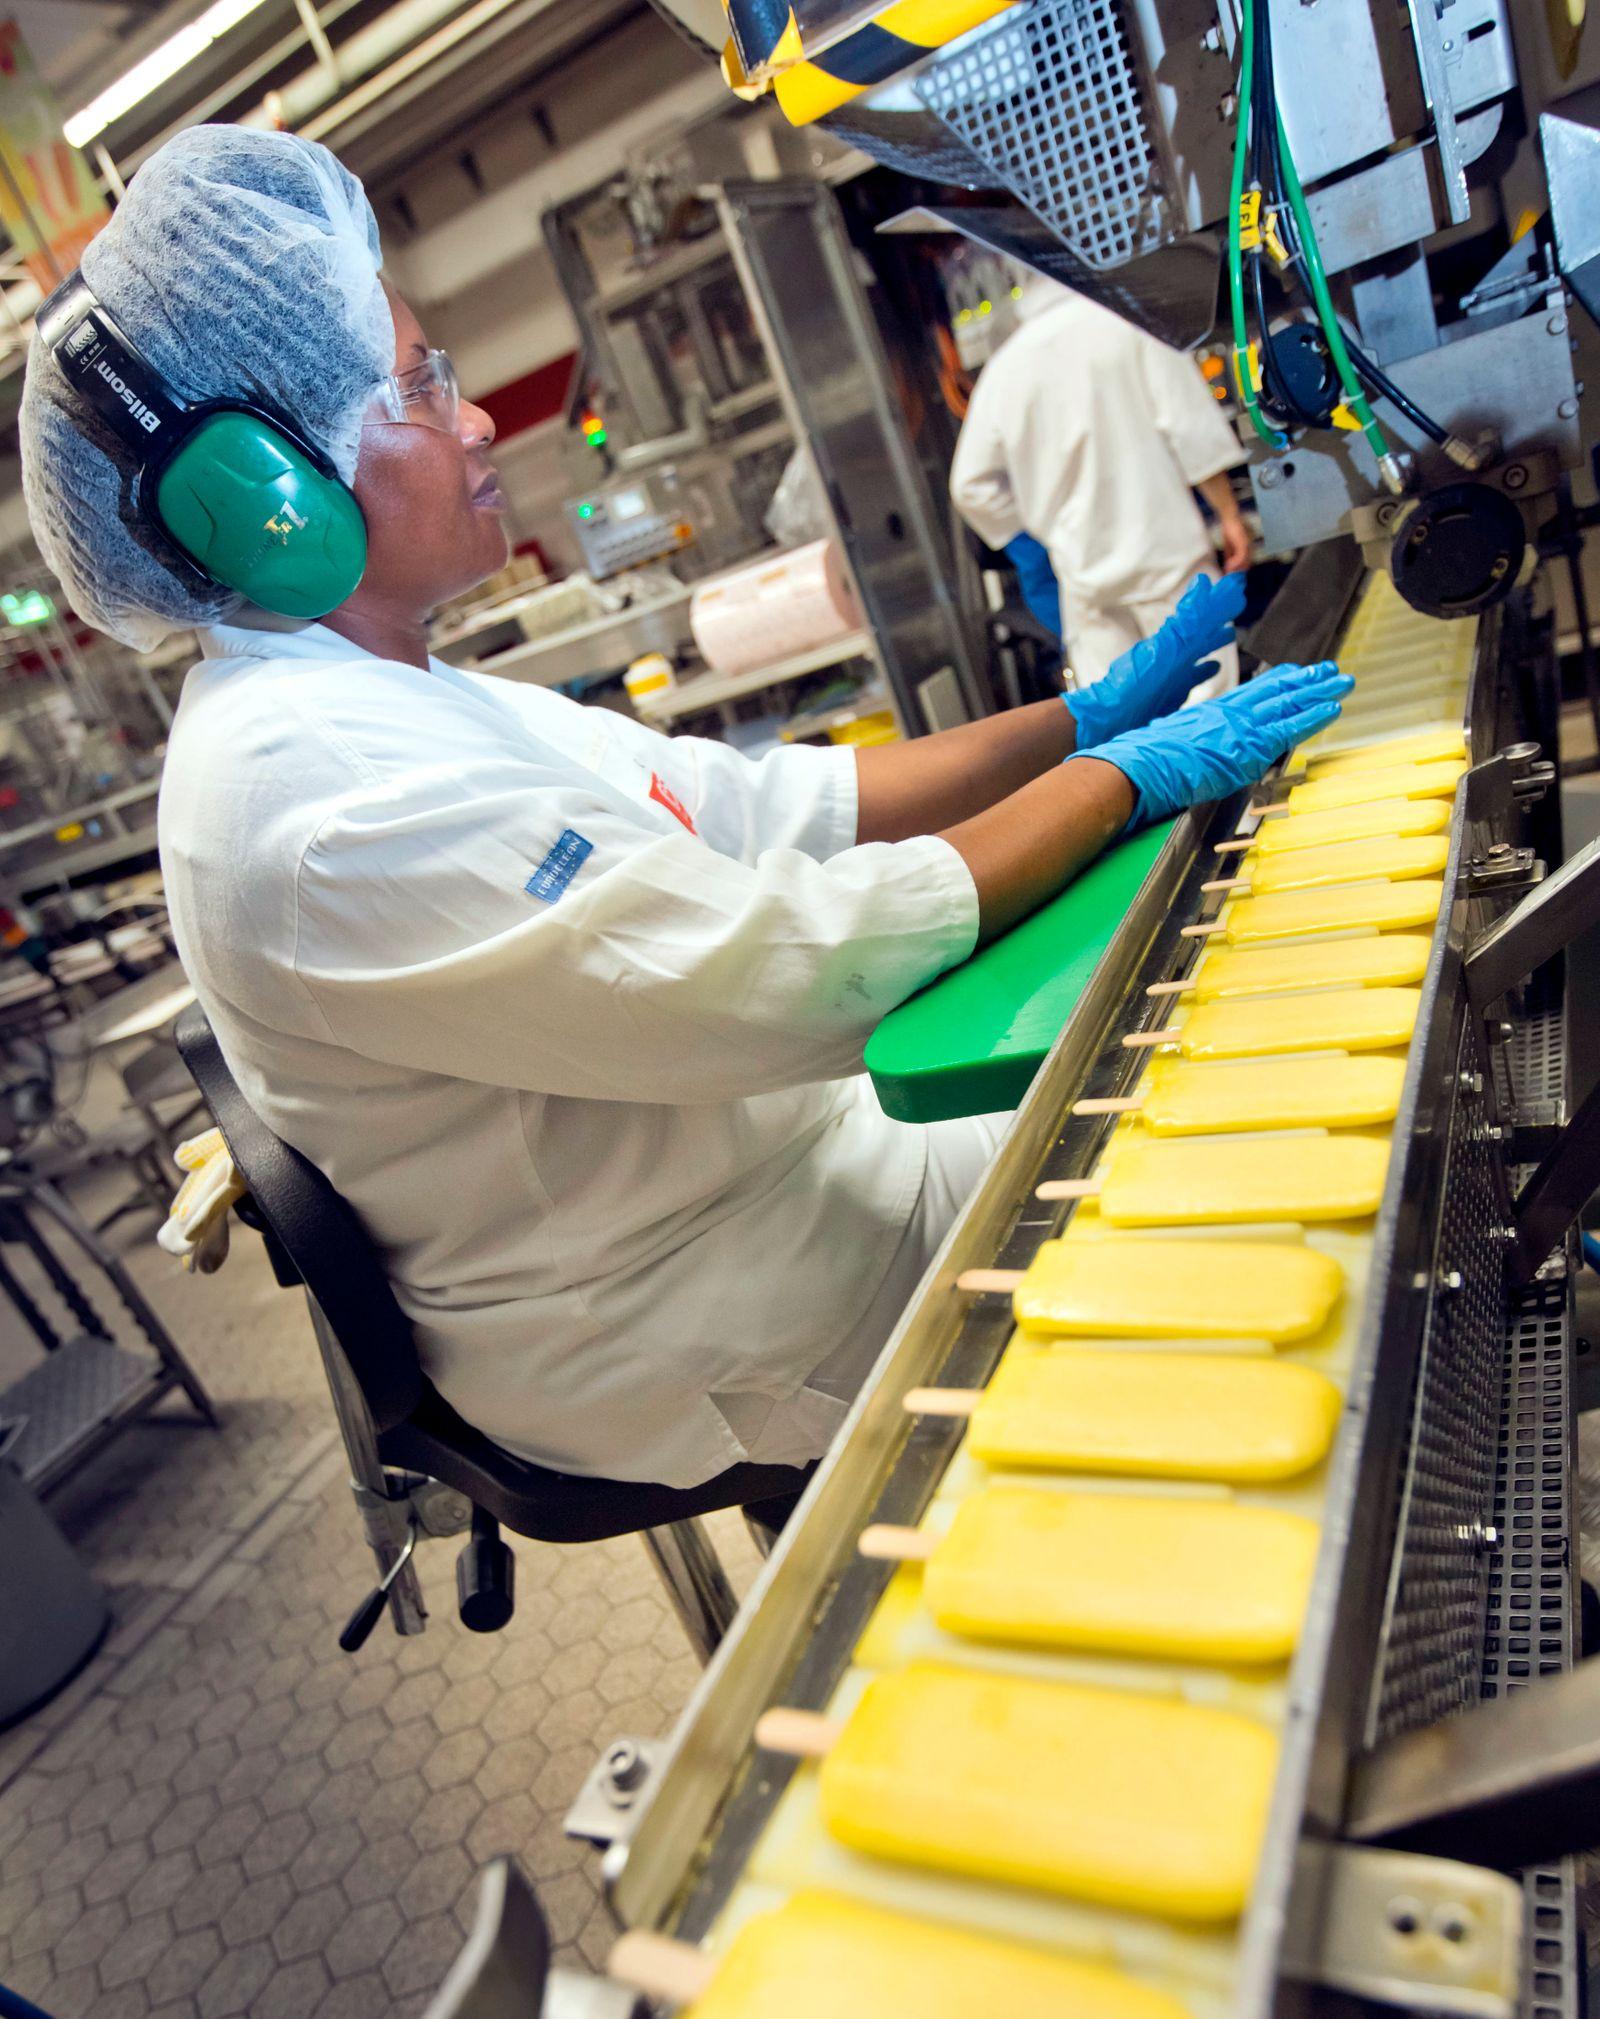 Eiscreme-Produktion läuft auf Hochtouren